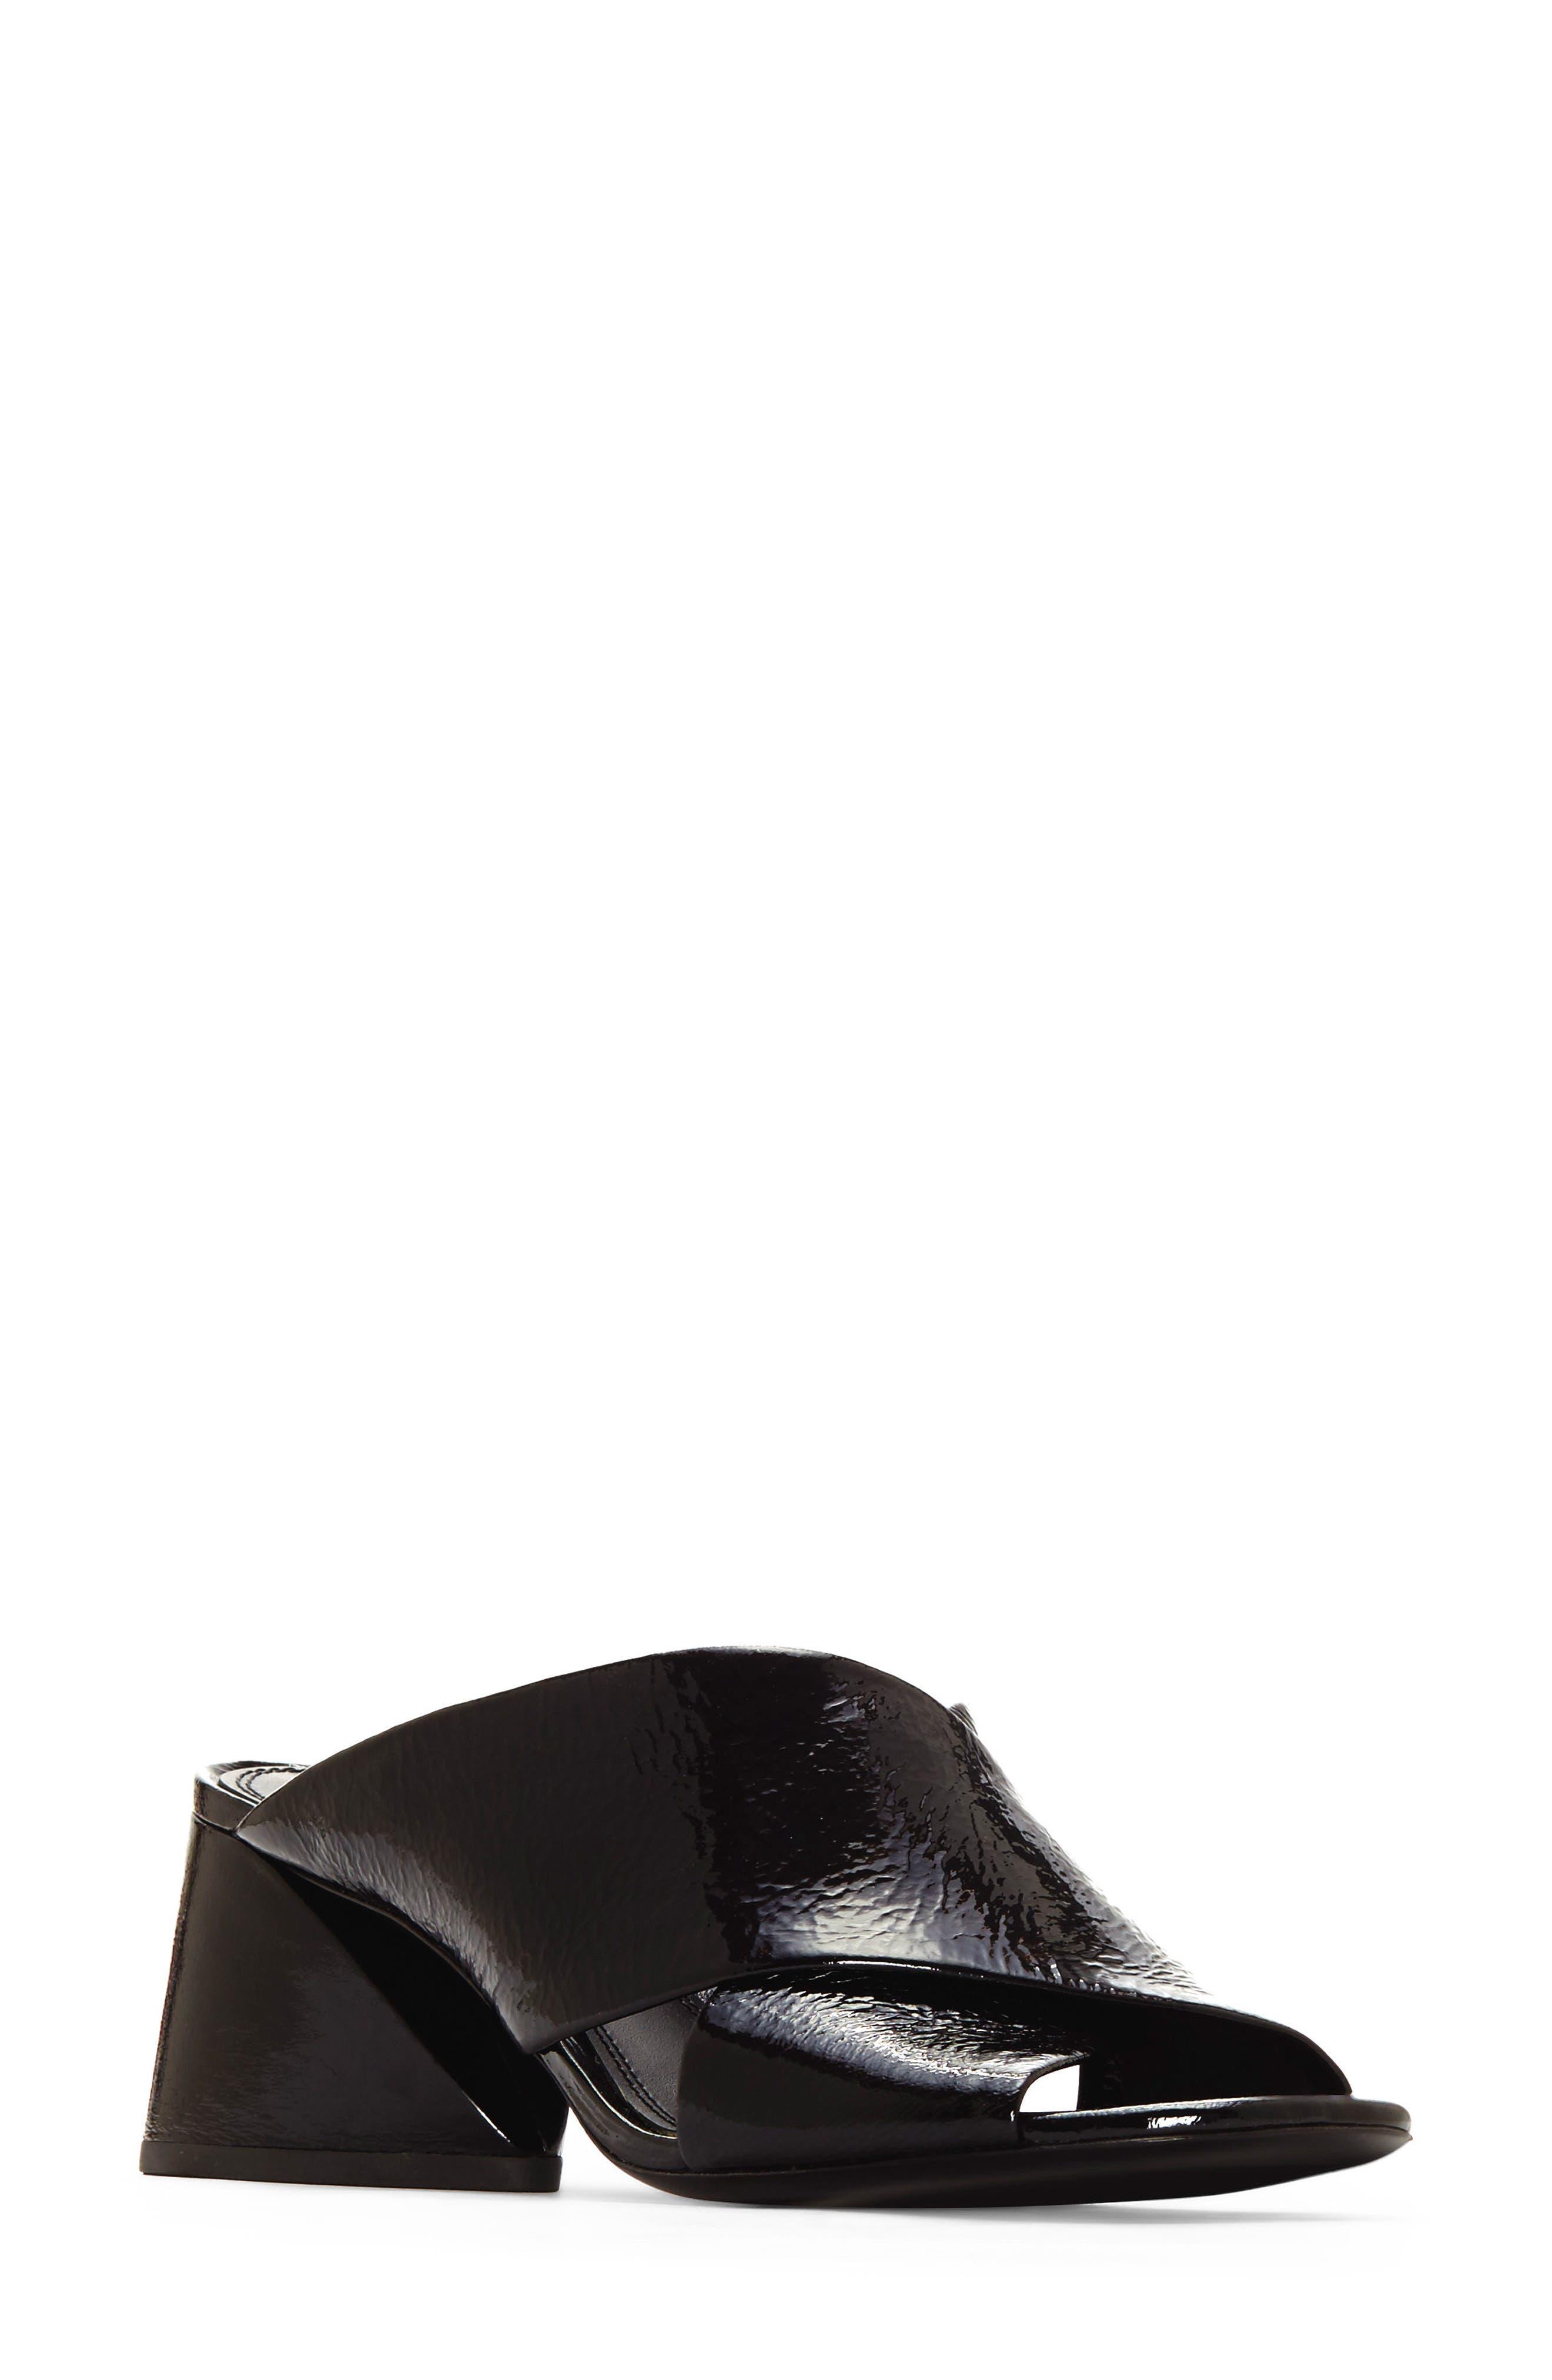 Alternate Image 1 Selected - Mercedes Castillo Lenilow Cross Strap Sandal (Women)